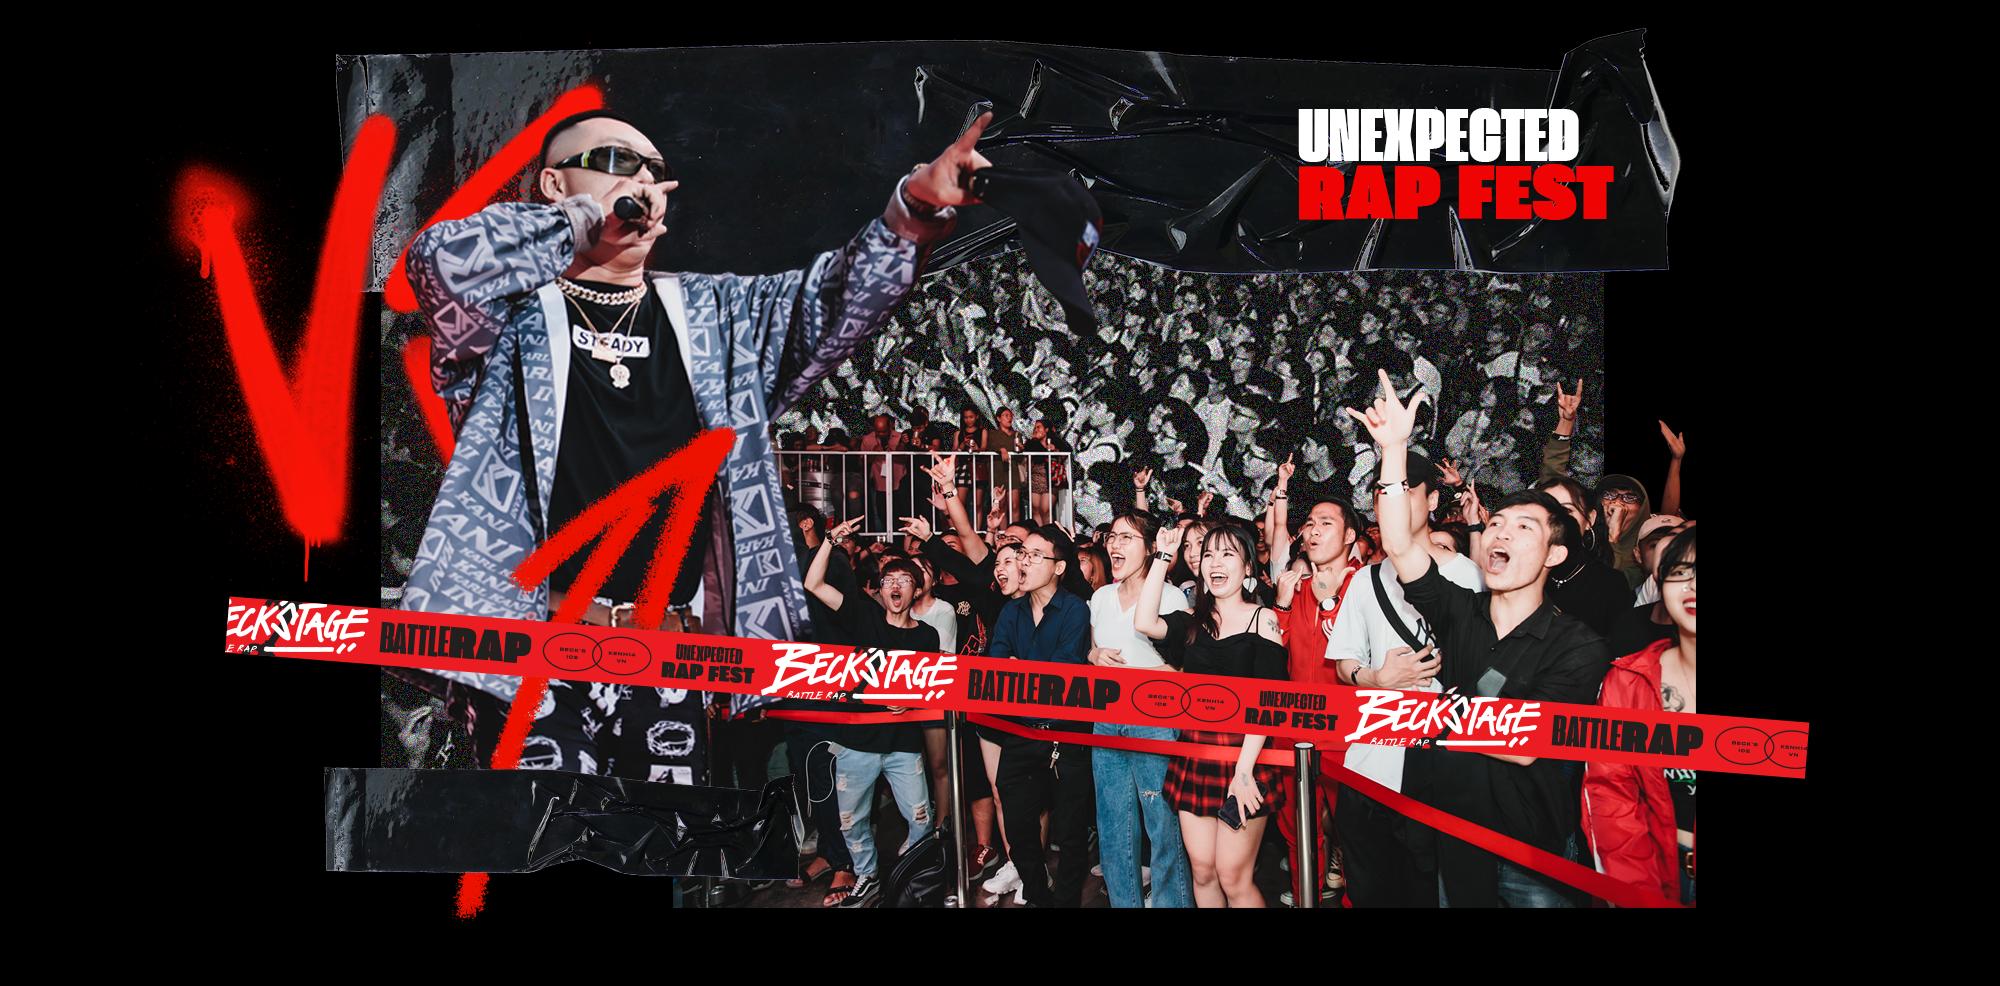 BeckStage - Unexpected Rap Fest: đòn bẩy thép đưa Underground tới gần công chúng - Ảnh 4.